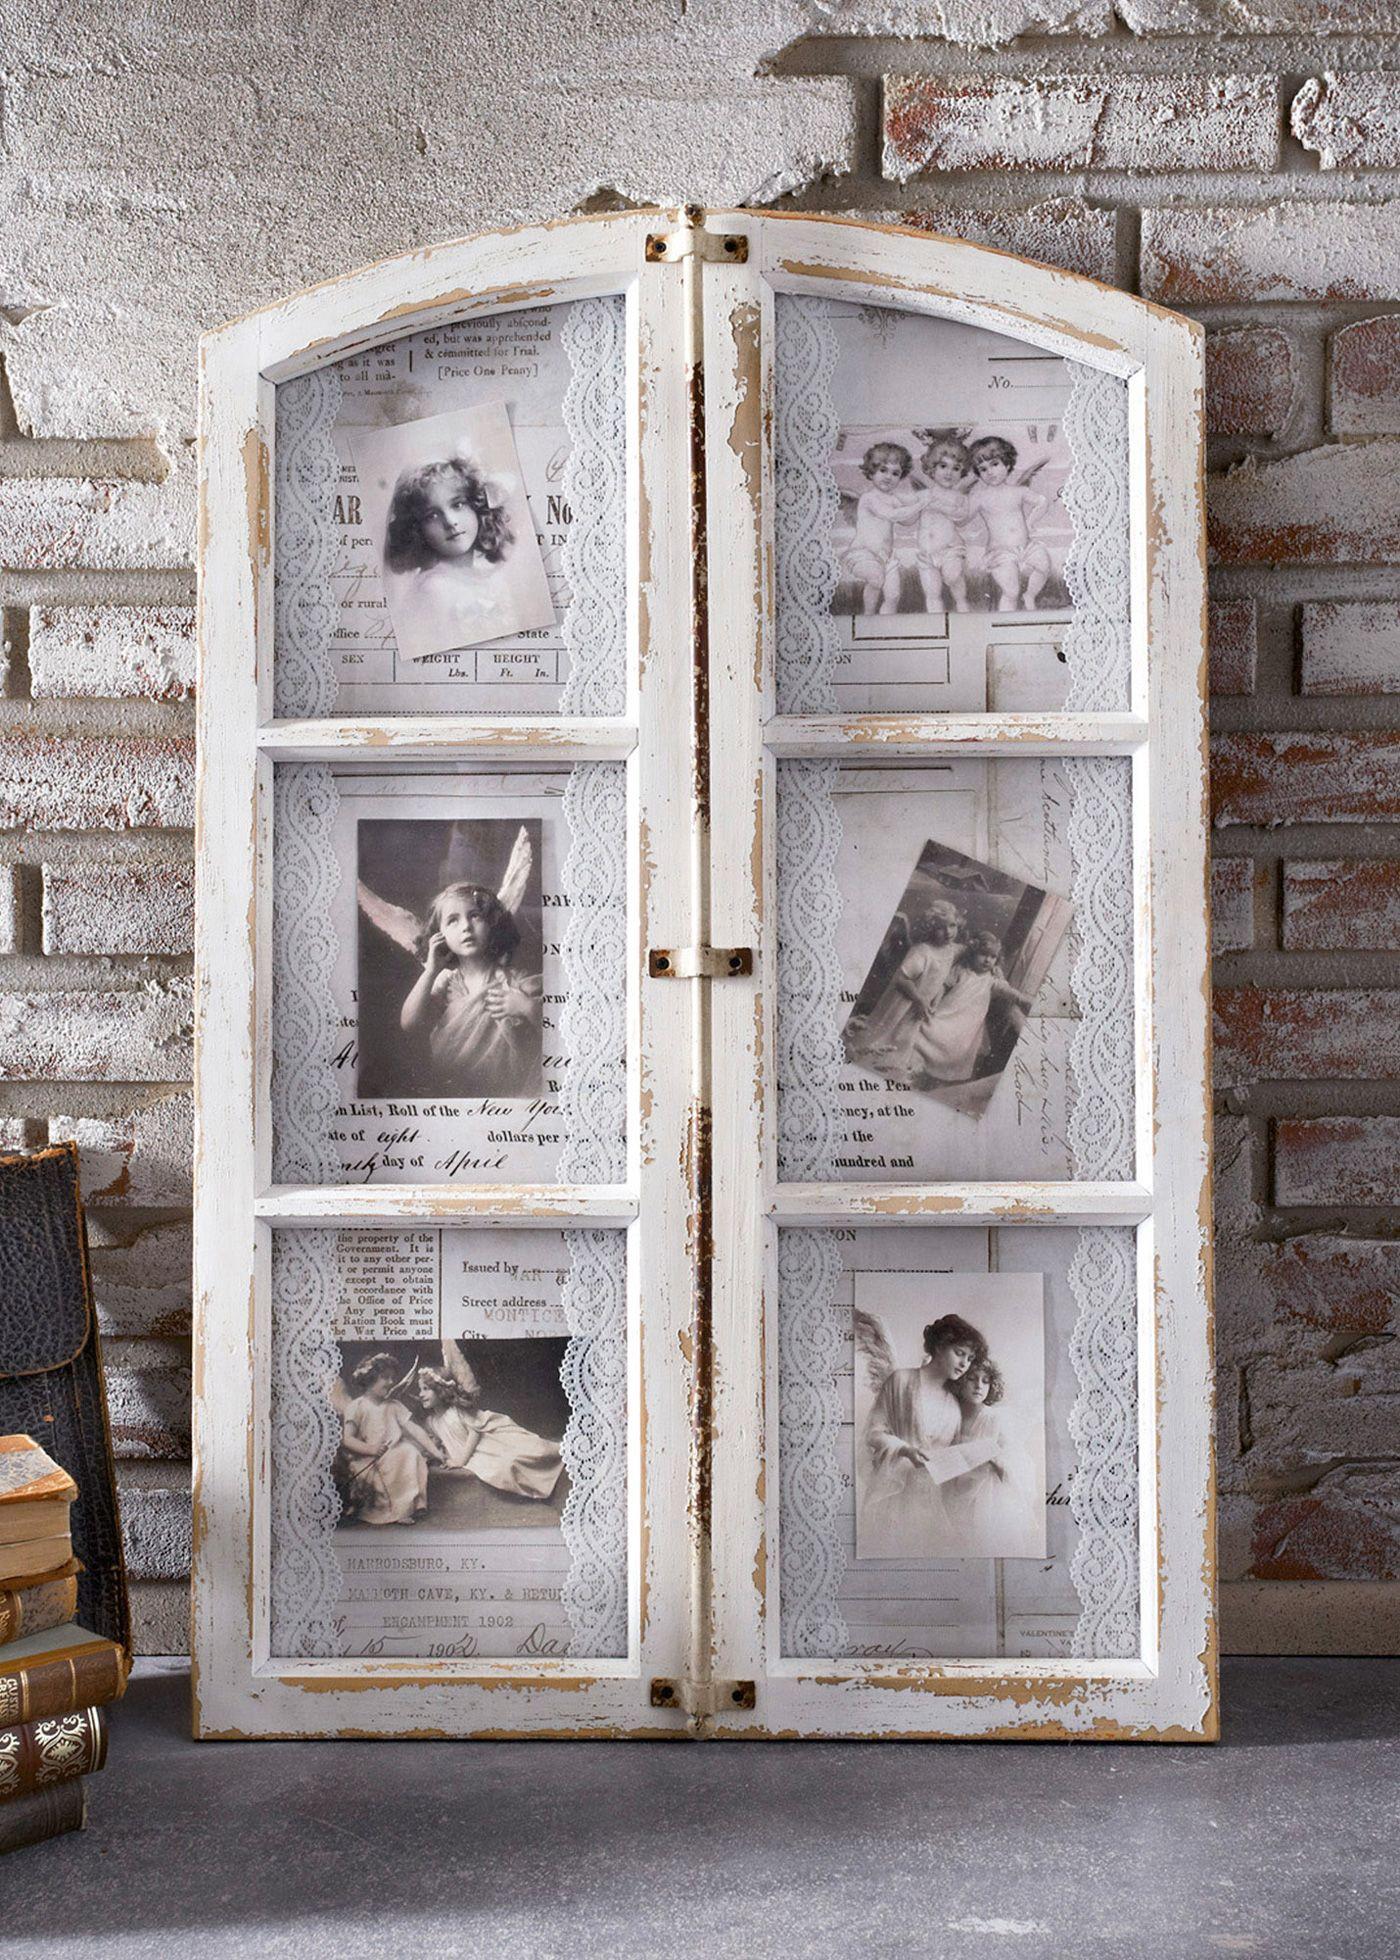 Full Size of Alte Fenster Kaufen Jetzt Anschauen In Form Eines Stichbogen Fensters Antiker Holz Alu Jalousien Kbe Schüco Fliegengitter Für Velux Sichtschutzfolie Jalousie Fenster Alte Fenster Kaufen